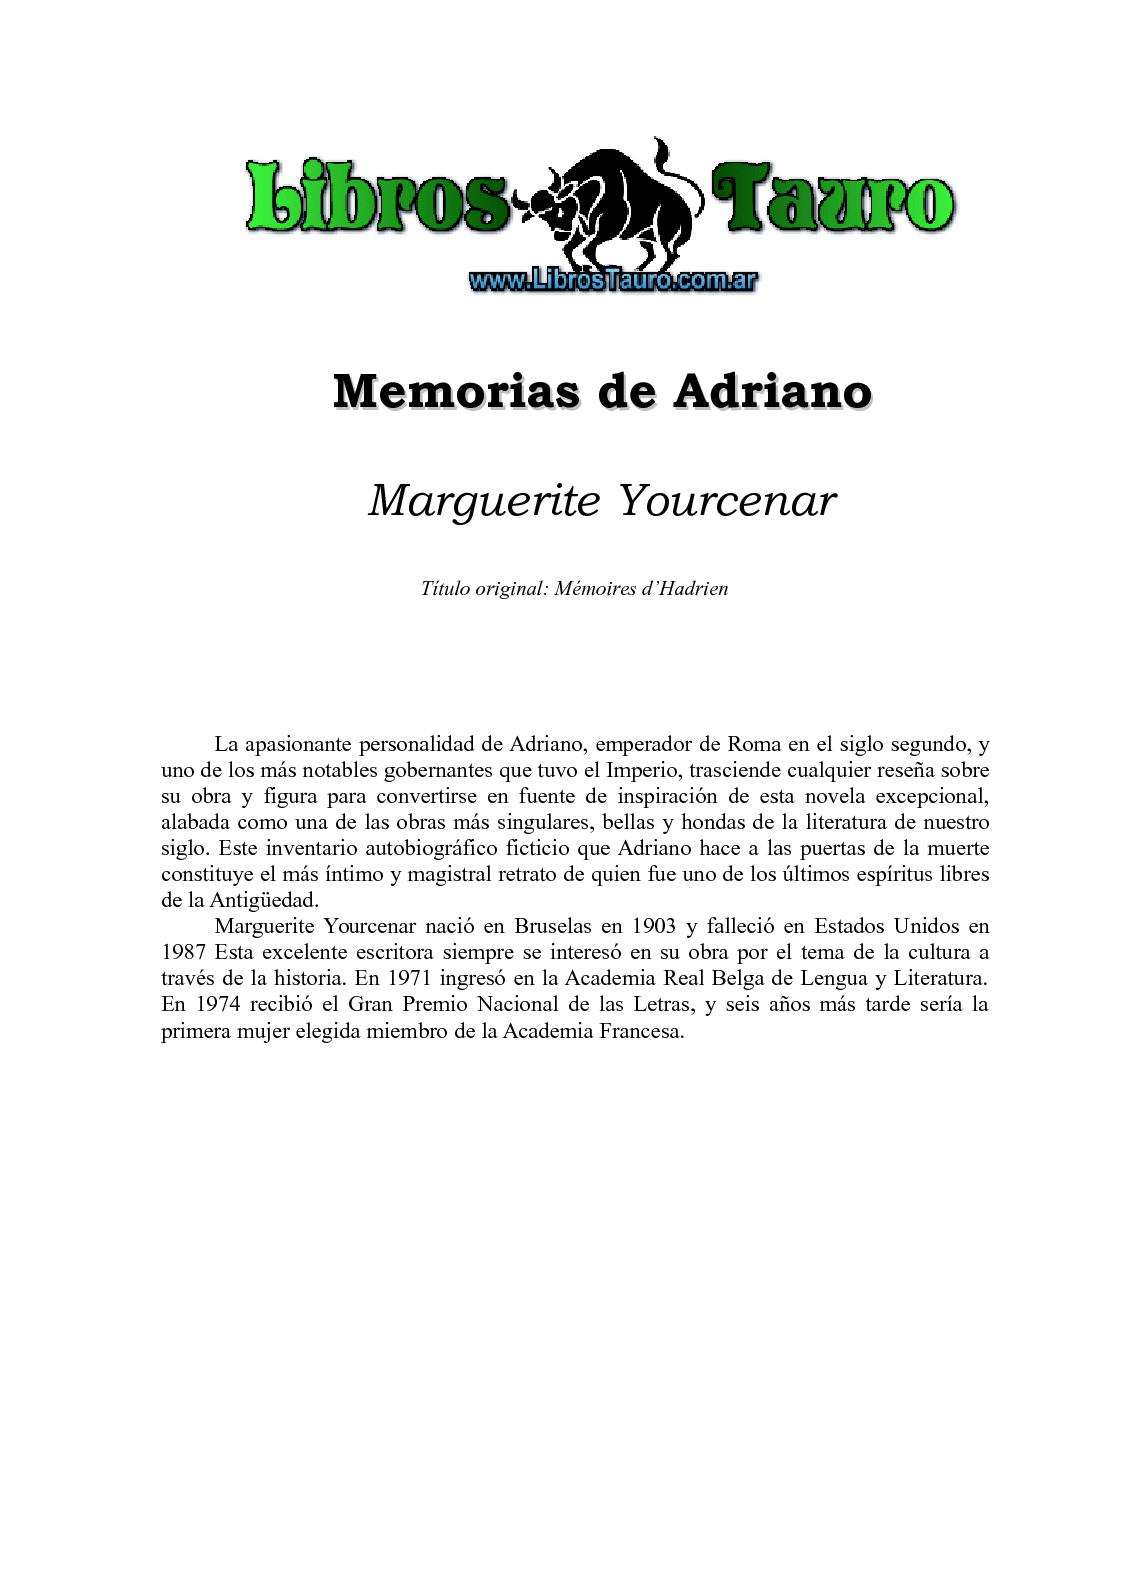 Calaméo - Yourcenar, Marguerite - Memorias De Adriano